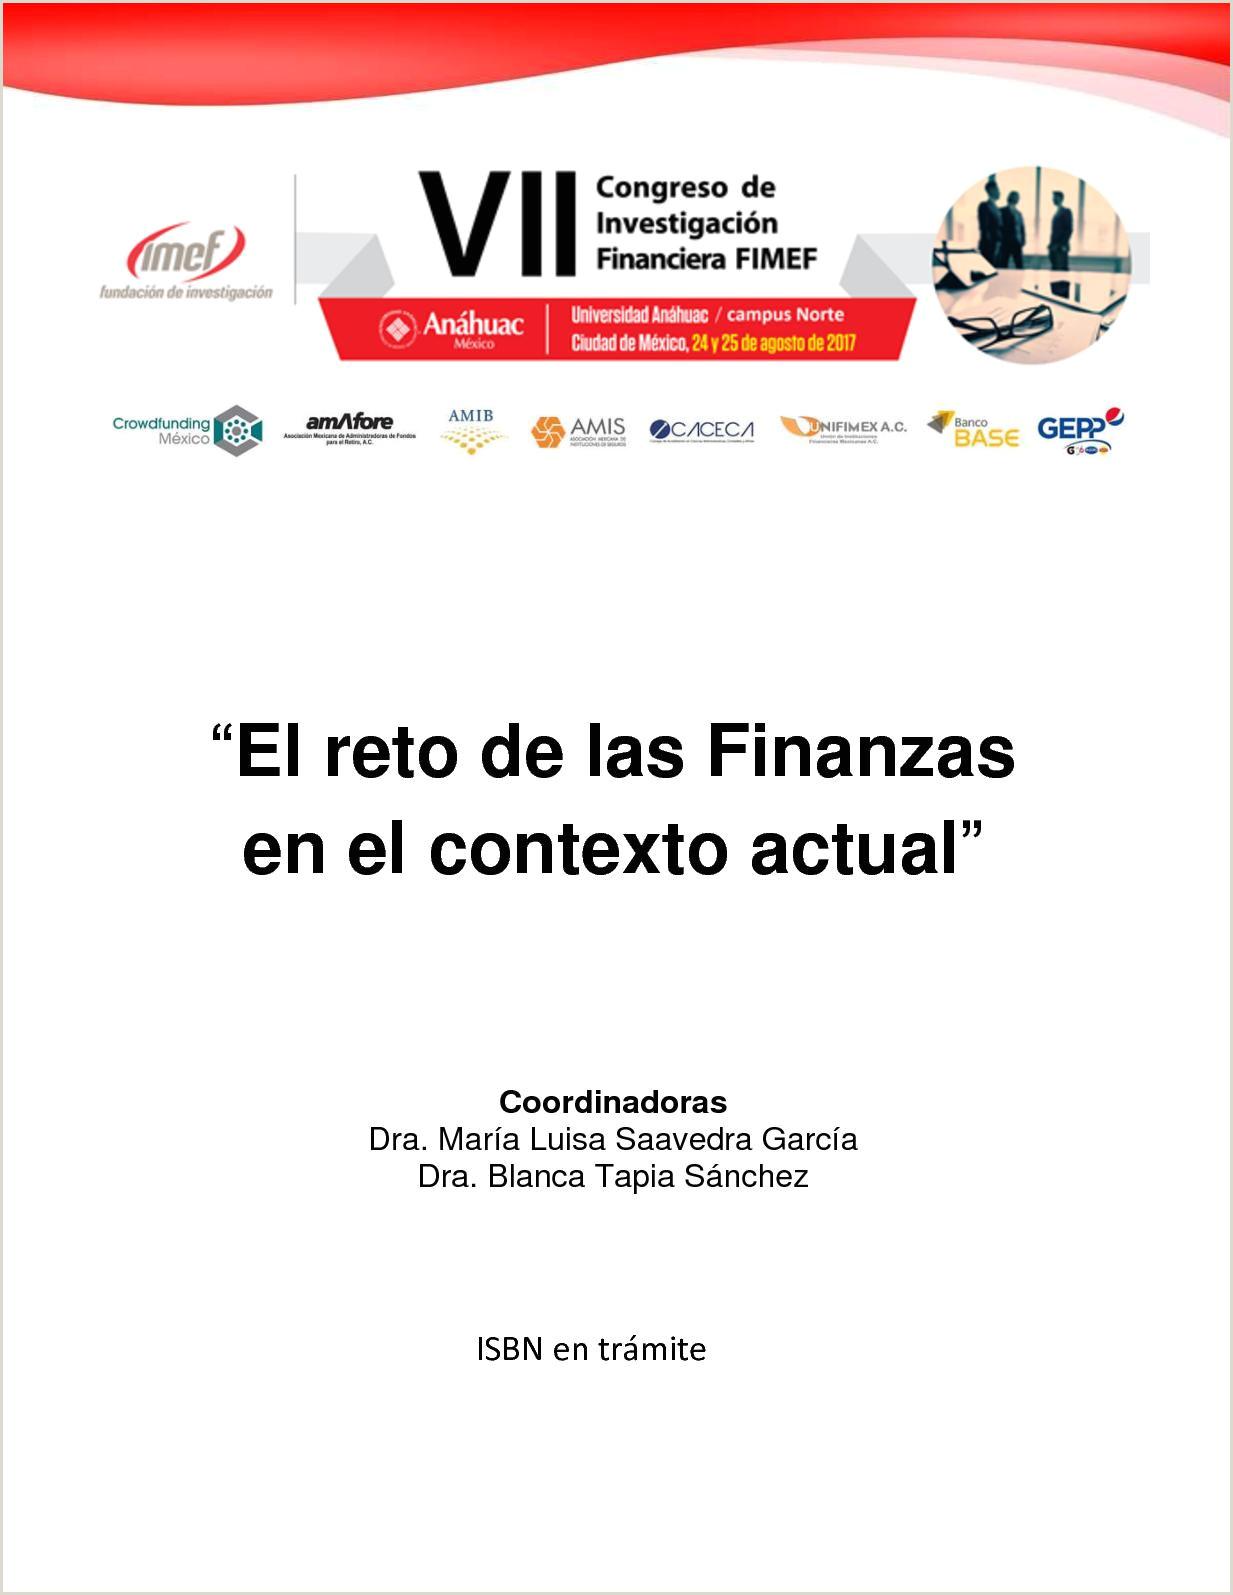 Formato único De Hoja De Vida original Calaméo El Reto De Las Finanzas En El Contexto Actual